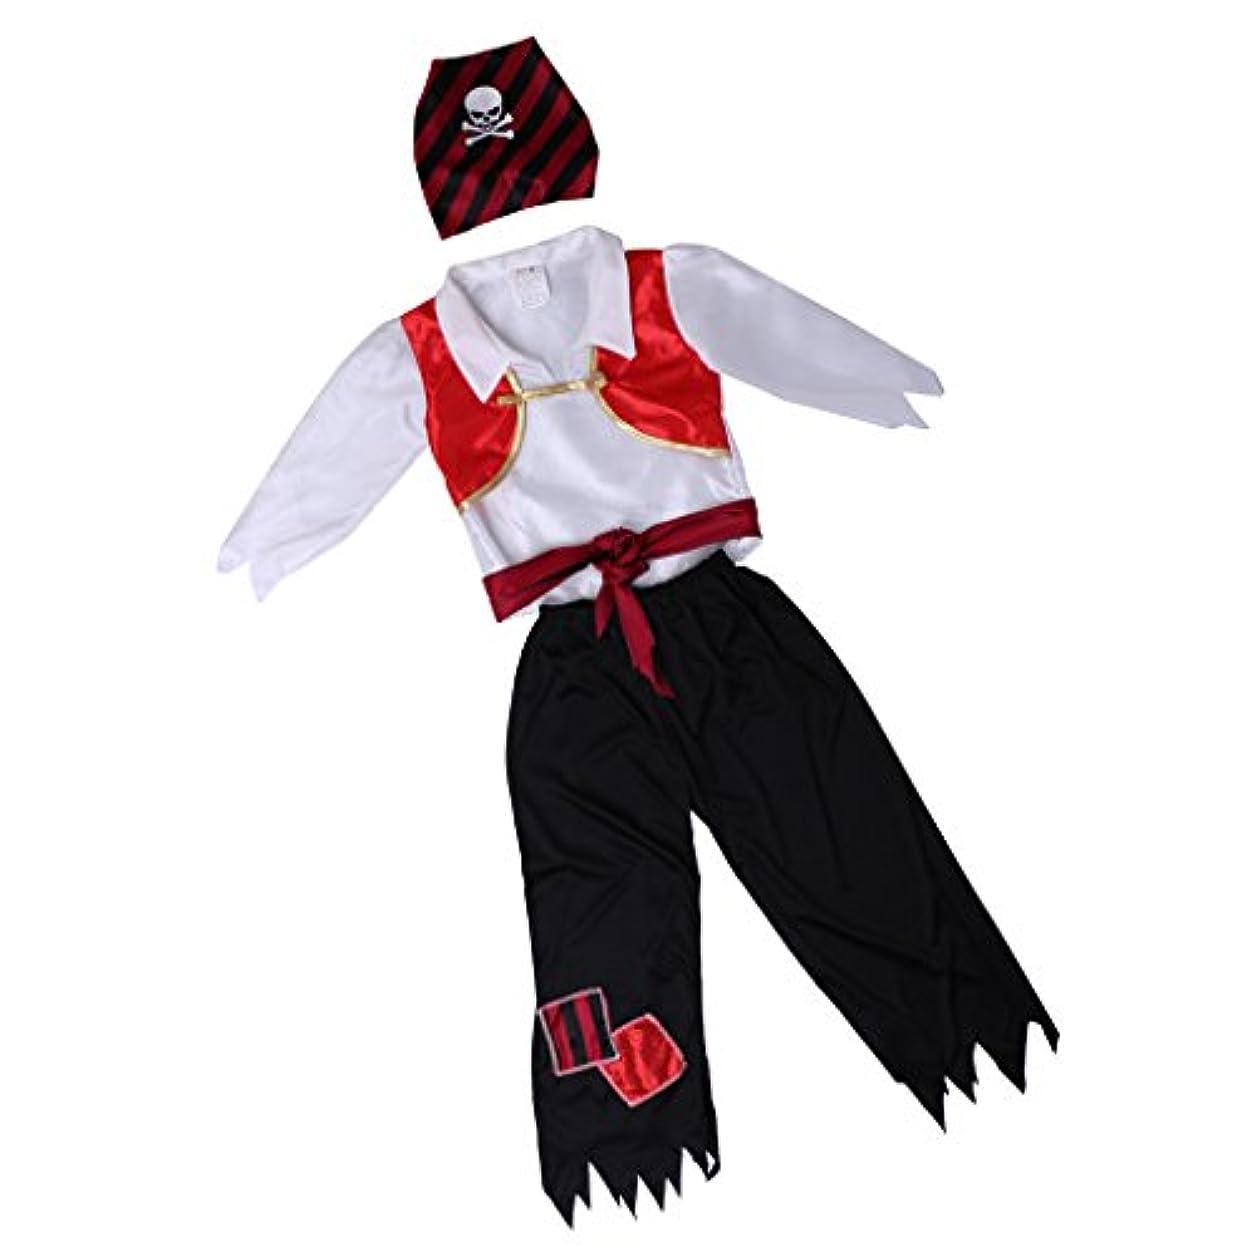 キャンディー演じる爆弾Perfk 男の子 贈り物 海賊の派手な衣装 スカル&クロスボーンのヘッドスケーターのデザイン ウエストベルト付き 全3サイズ - XL